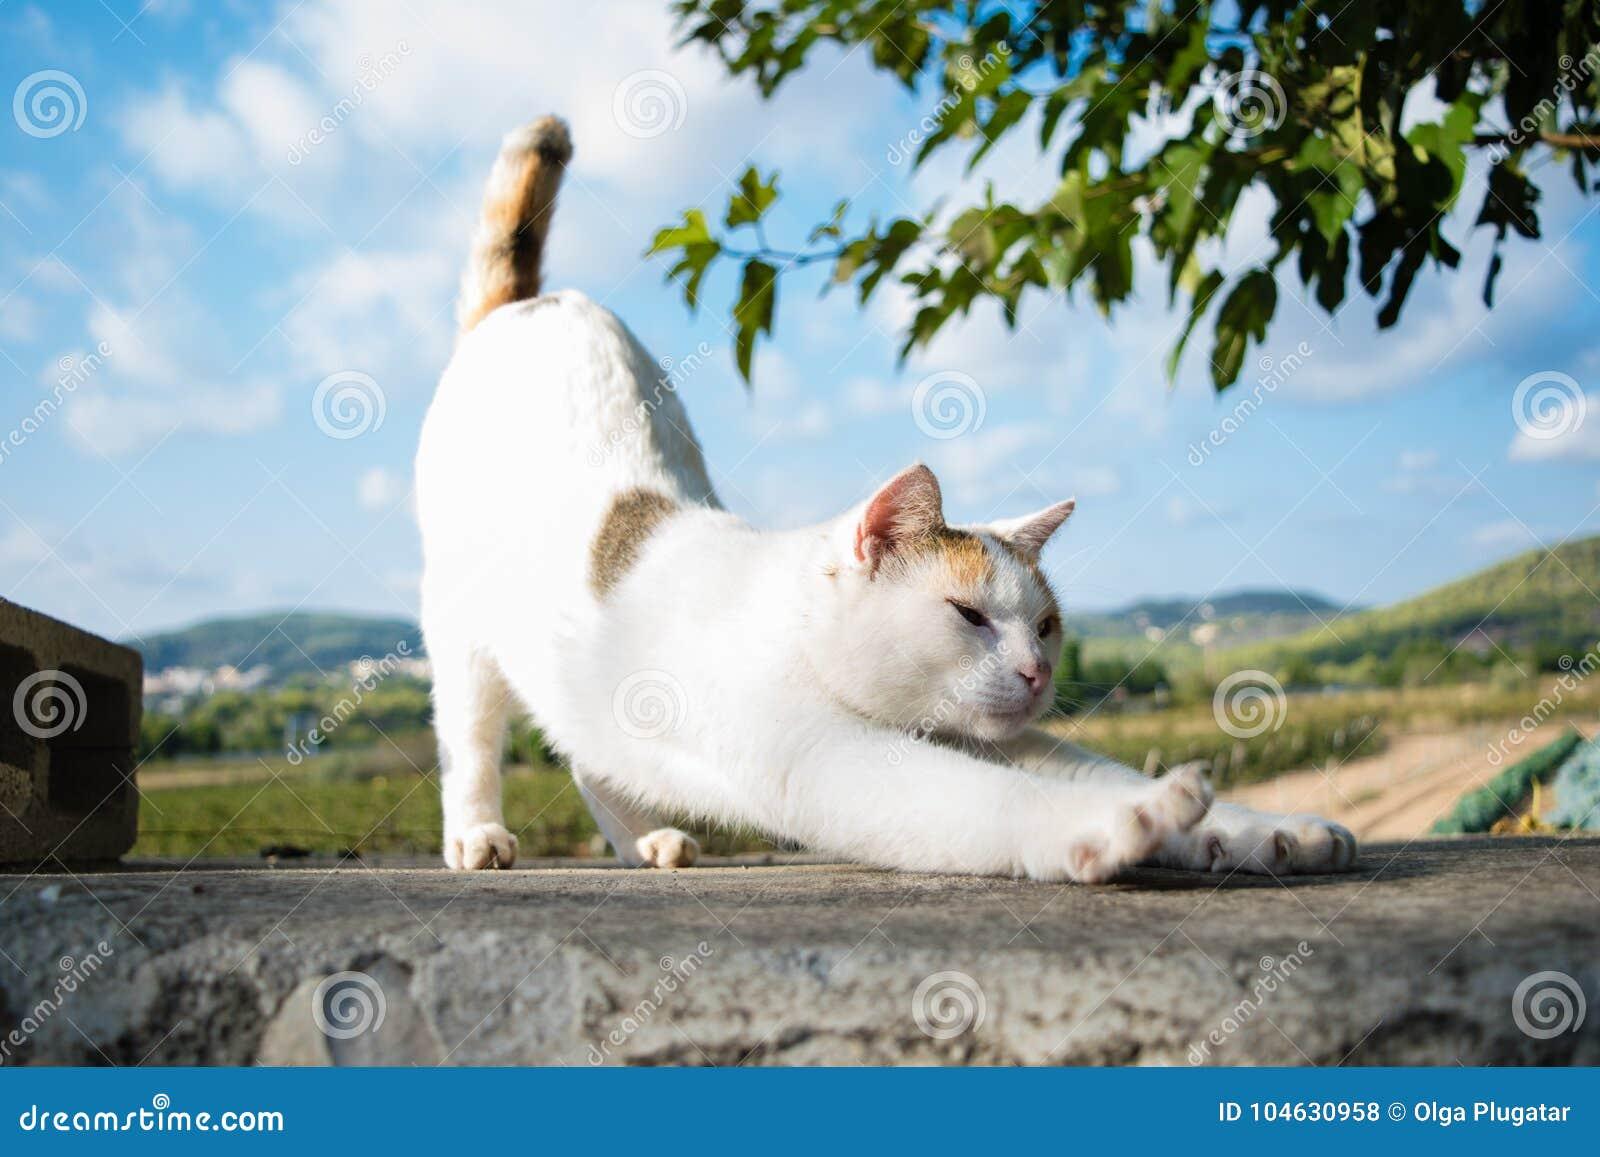 Download De Yogakat Rekt Zich Uit Die, Goedemorgen Terug Opheffen Stock Foto - Afbeelding bestaande uit grappig, katten: 104630958